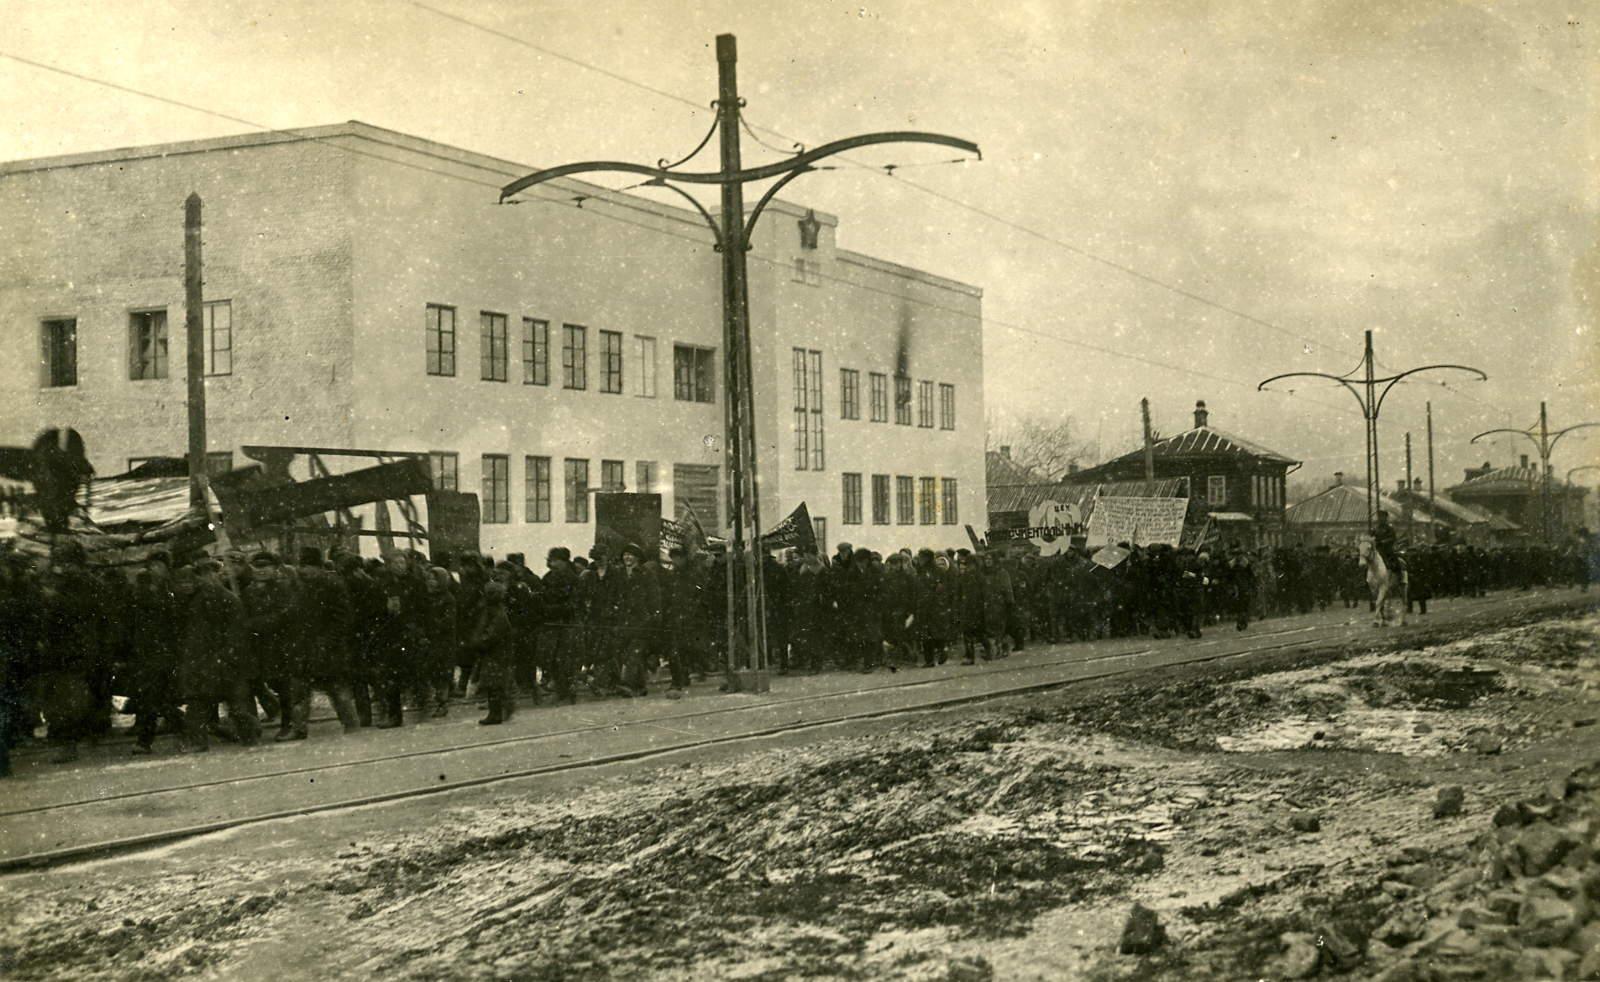 03. Шествие демонстрантов вдоль трамвайных путей, у бани